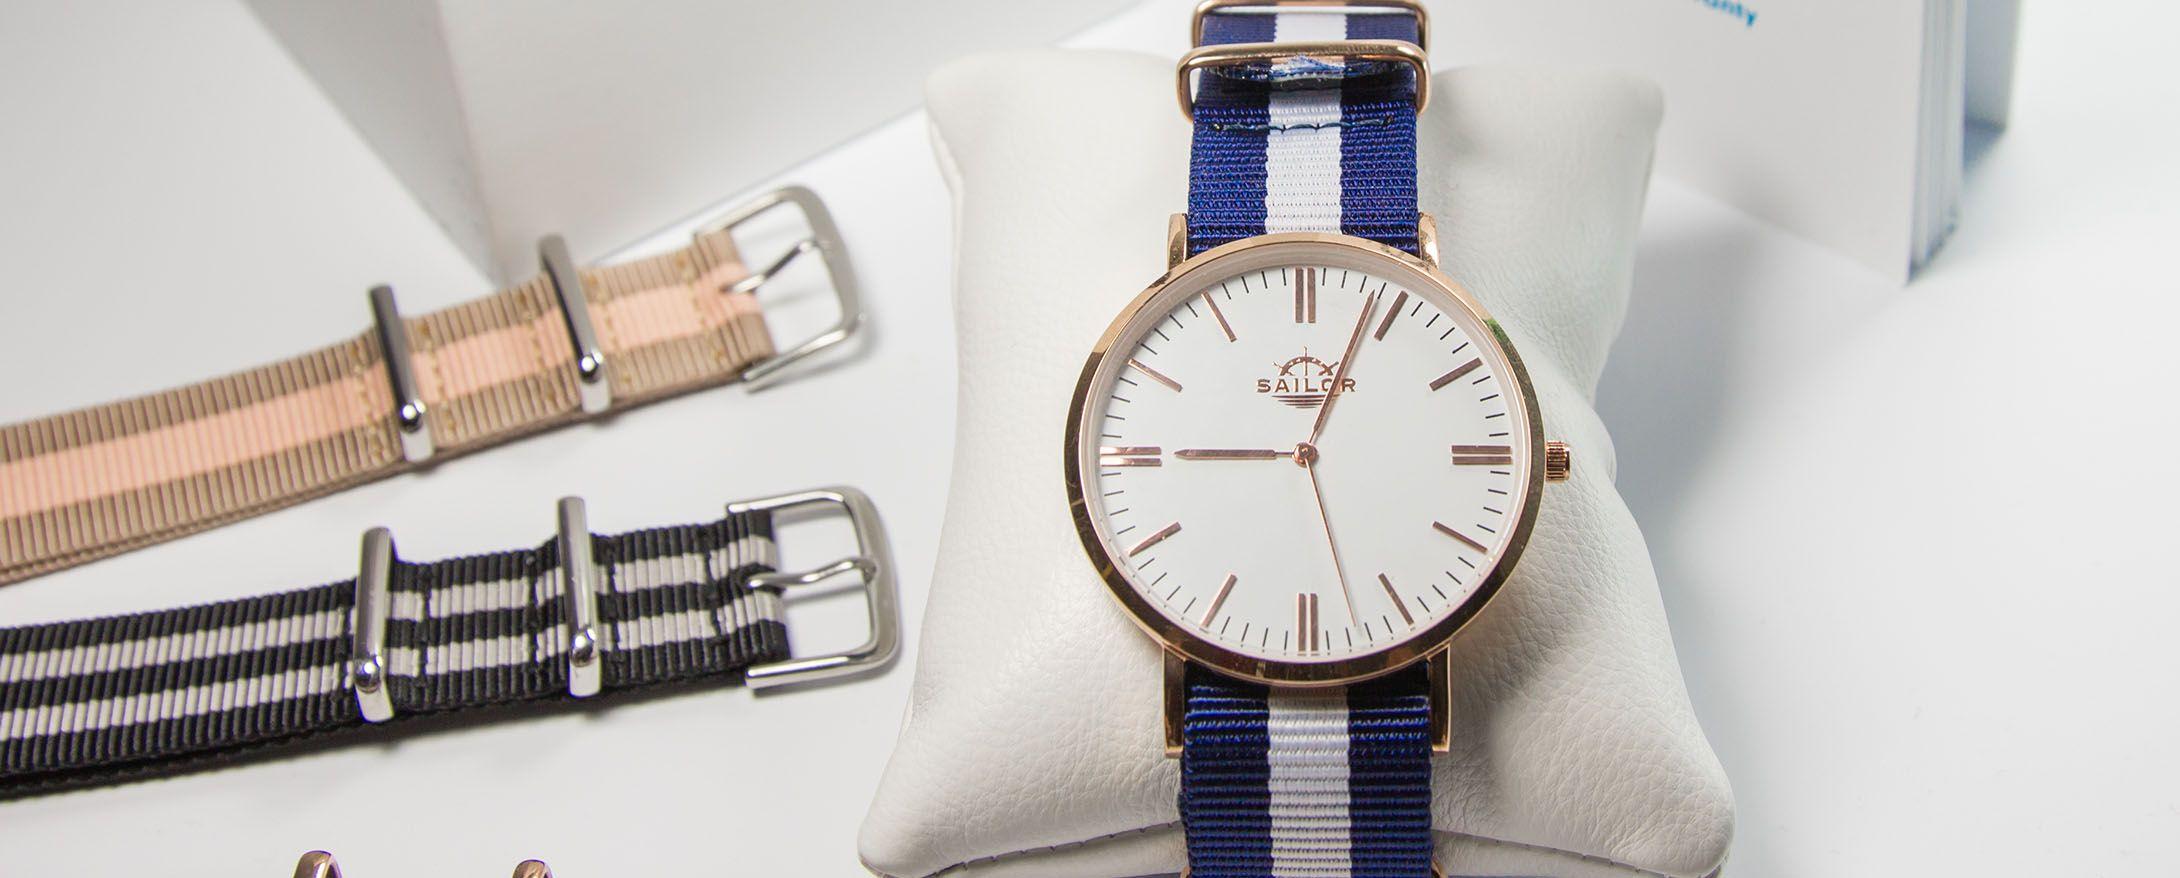 Uhr - Sailor-Watch - Nylonarmbänder